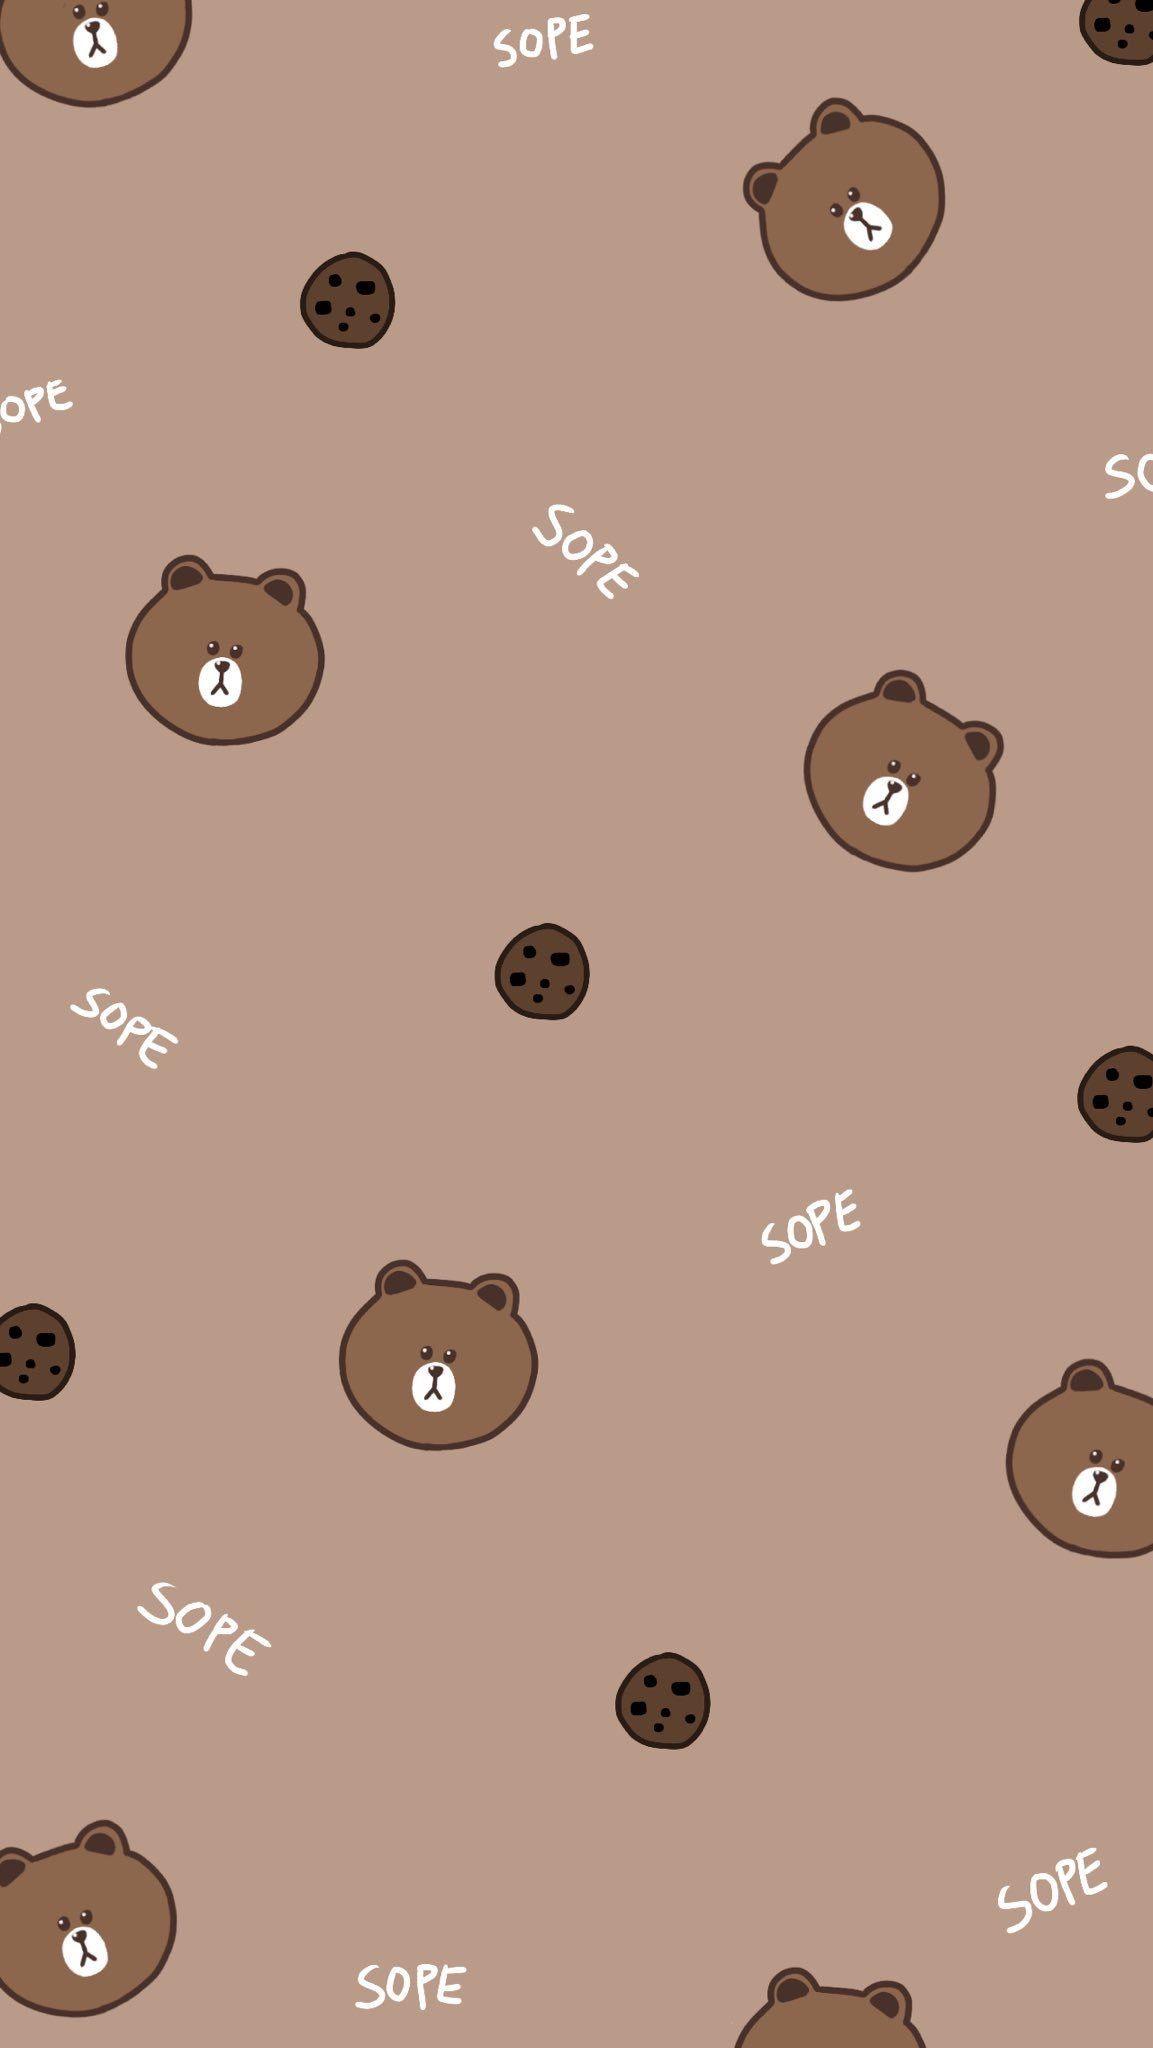 クマ壁紙かわいい ラインクマの壁紙 1153x48 Wallpapertip